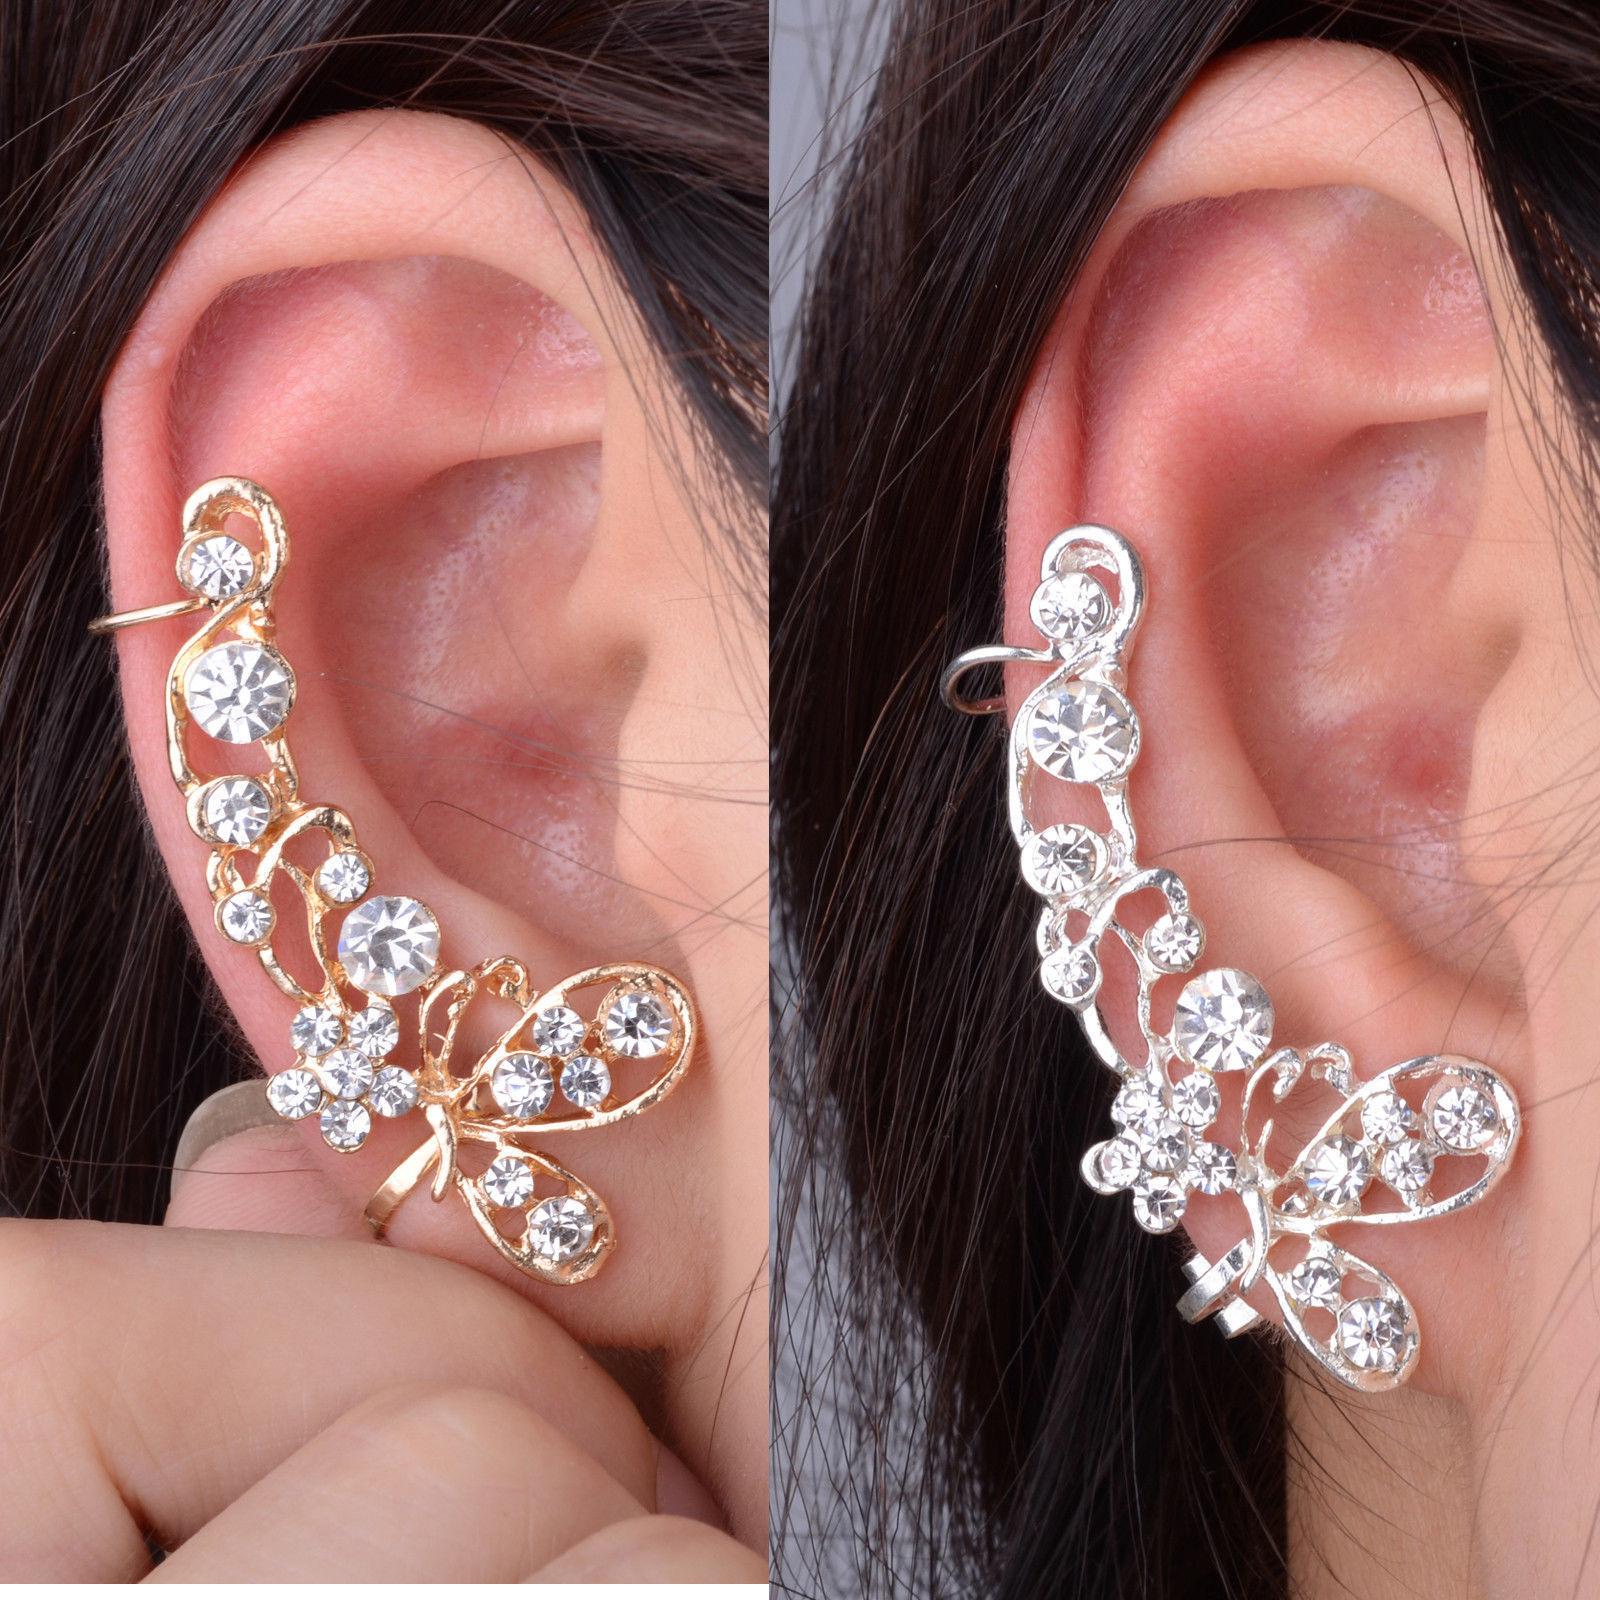 Charm Women's Earring Crystal Butterfly Flower Warp Clip Ear Cuff Stud Gift Hot | Ear cuff, Ear cuff earings, Flower ear cuffs